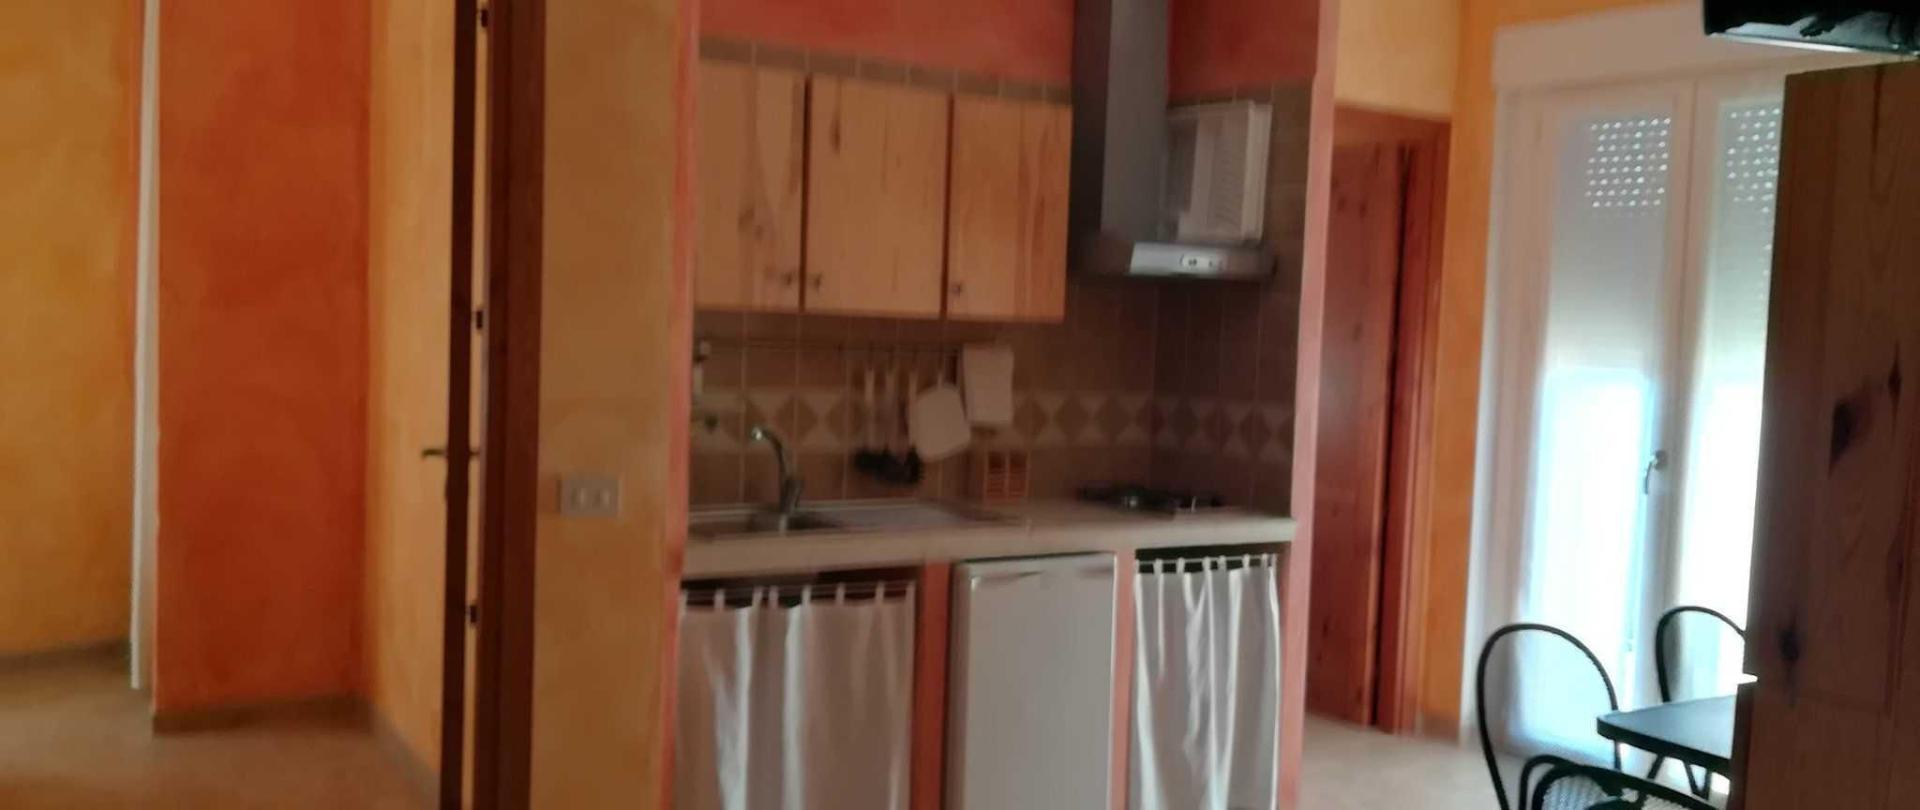 cucina-5.jpg